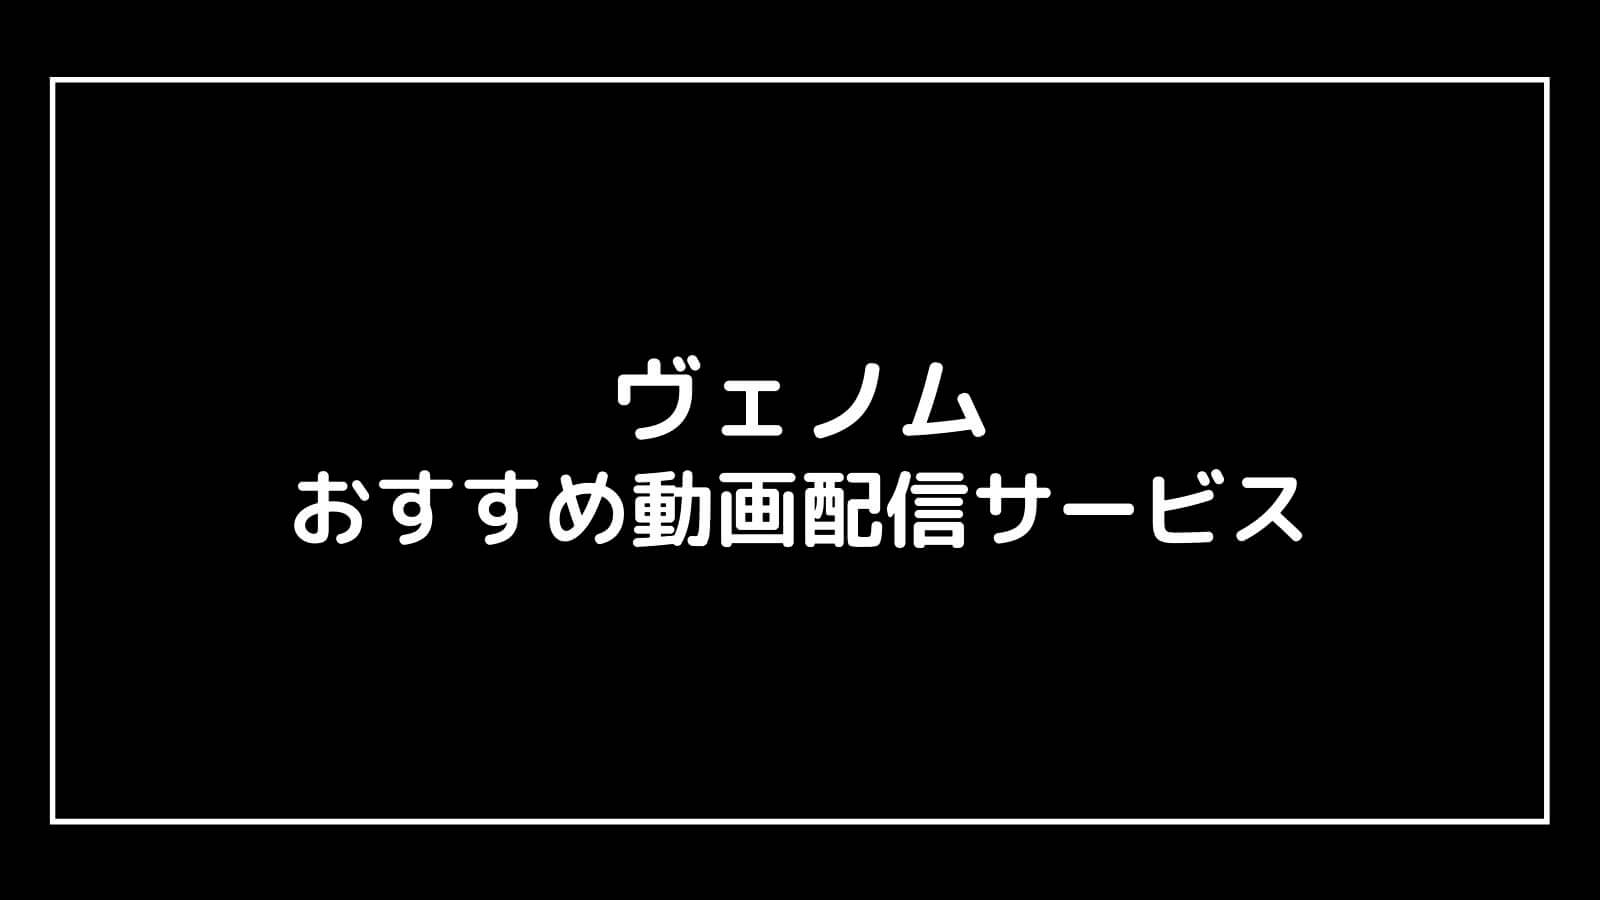 映画『ヴェノム 』を無料視聴できるおすすめ動画配信サービス【最新作の割引券あり】